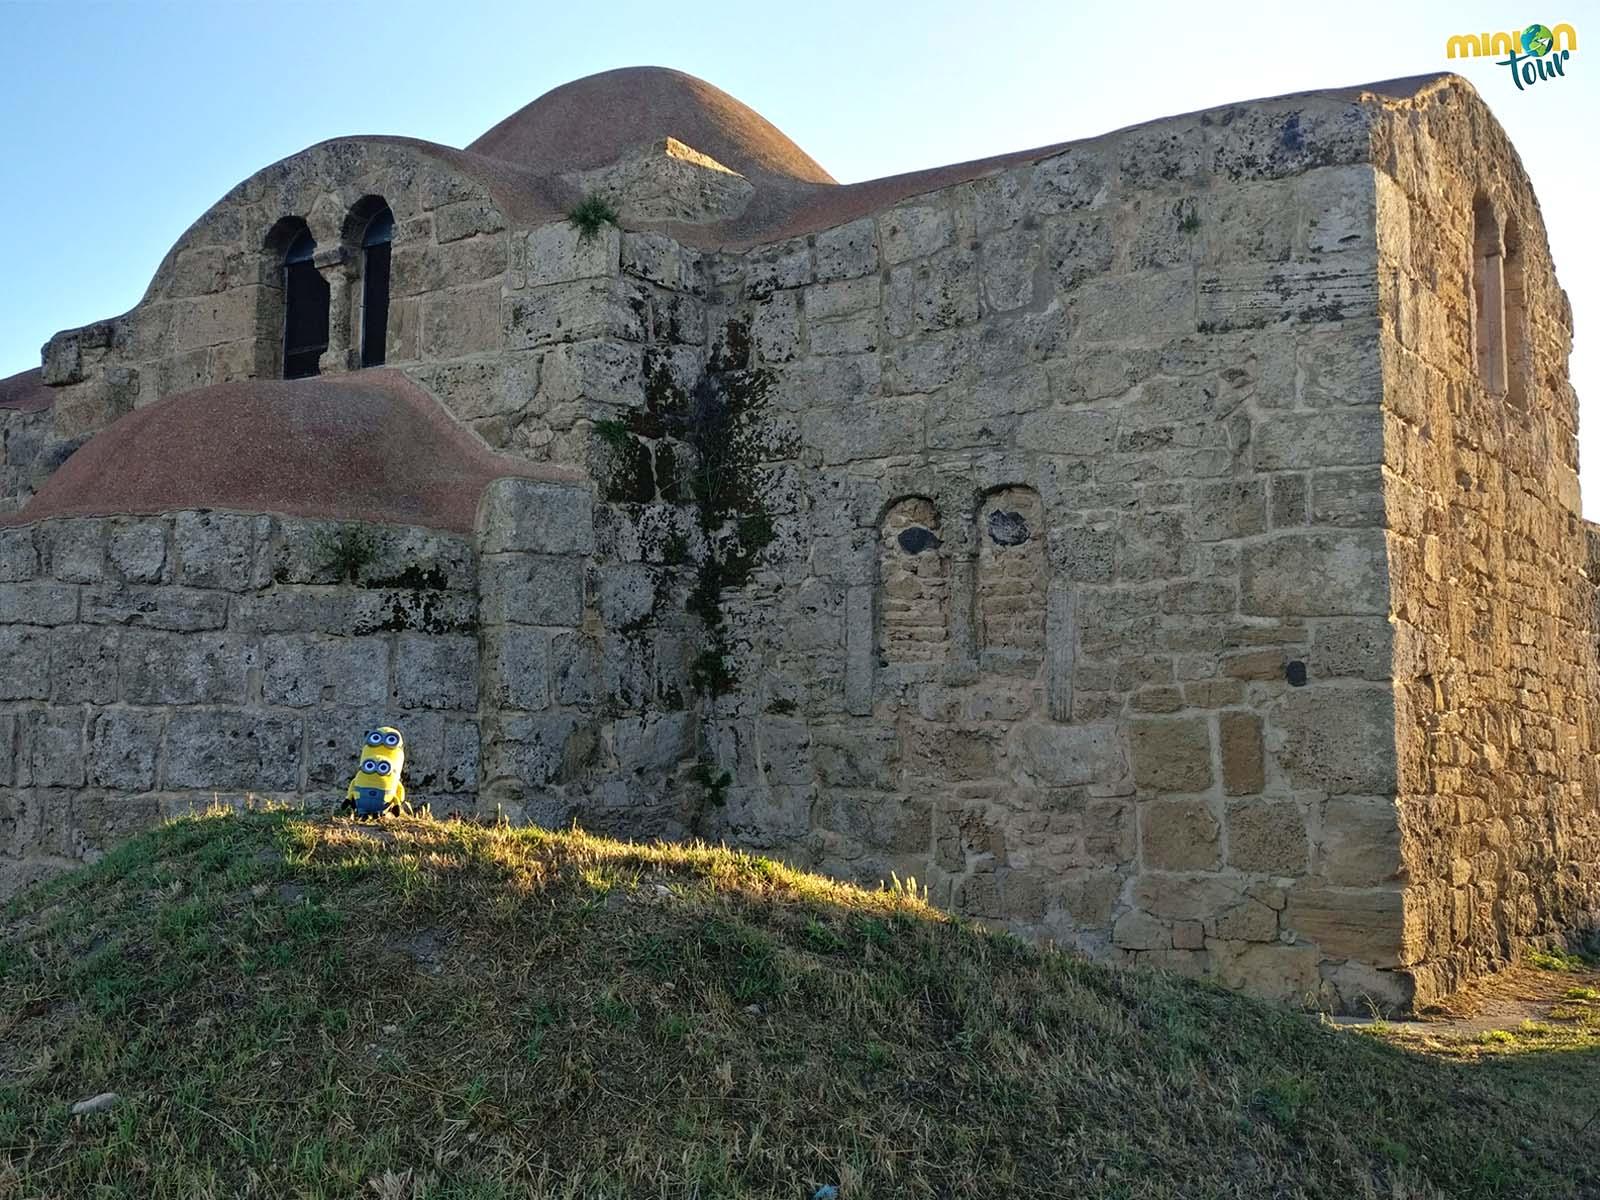 Descubriendo San Giovanni di Sinis en Cerdeña